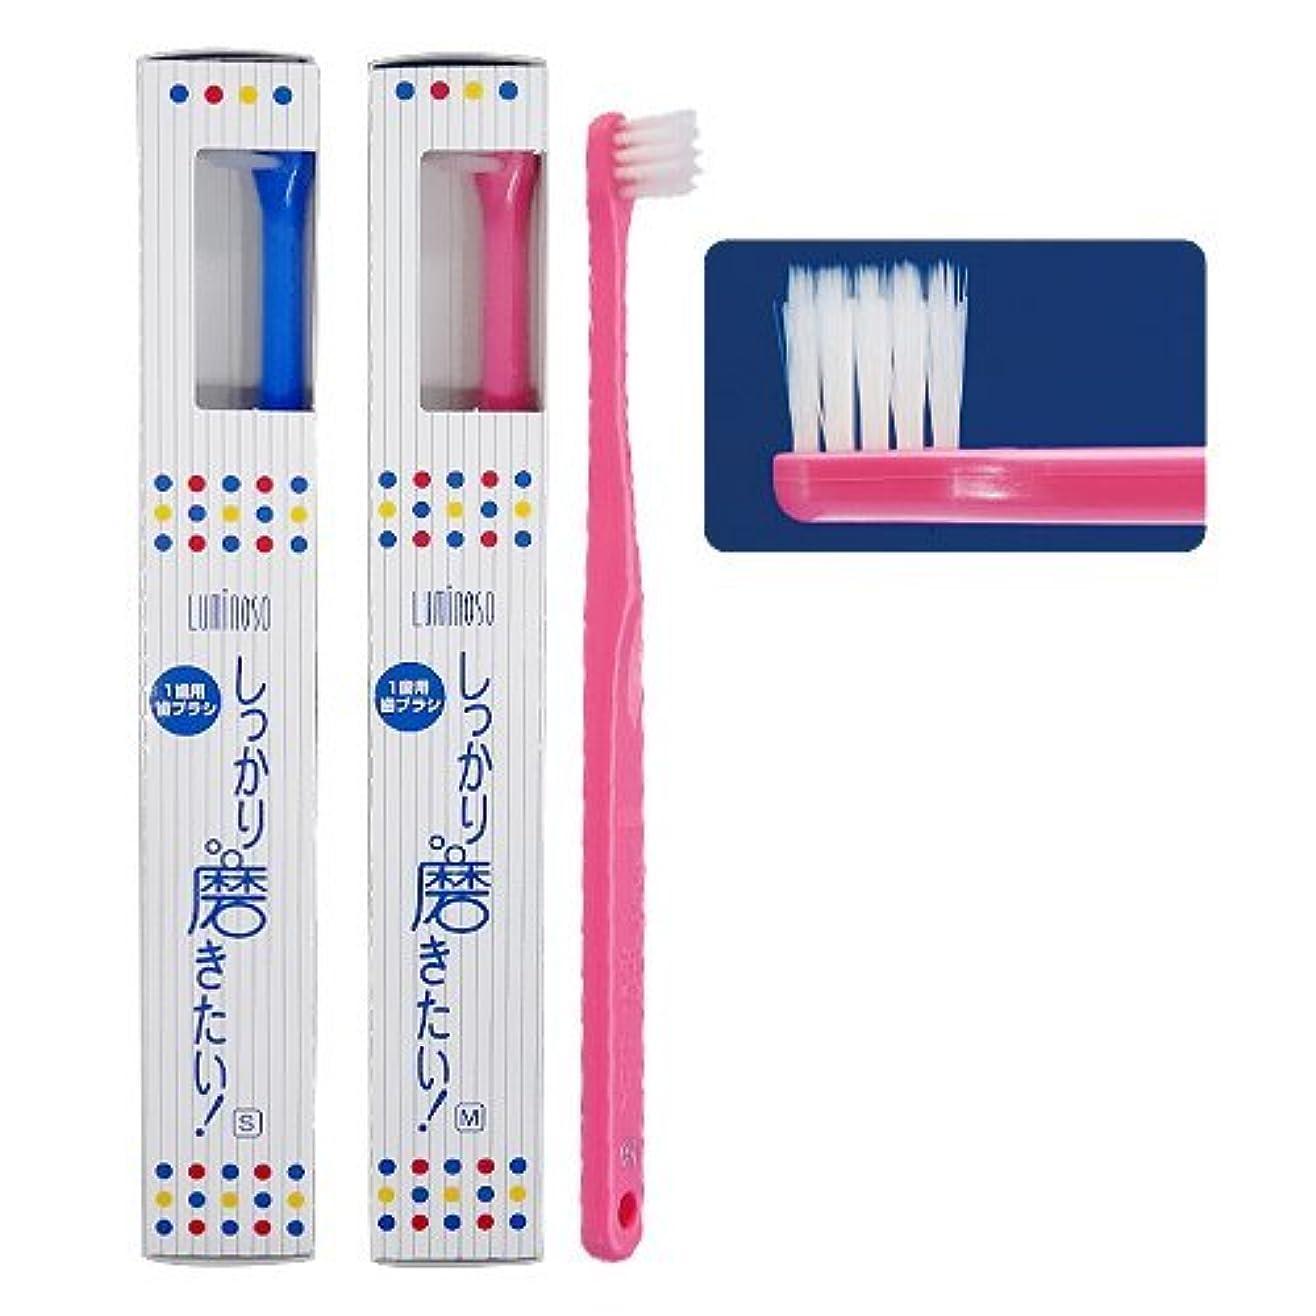 ペグ守るコーンウォールルミノソ 1歯用歯ブラシ「しっかり磨きたい!」スタンダード ソフト (カラー指定不可) 5本